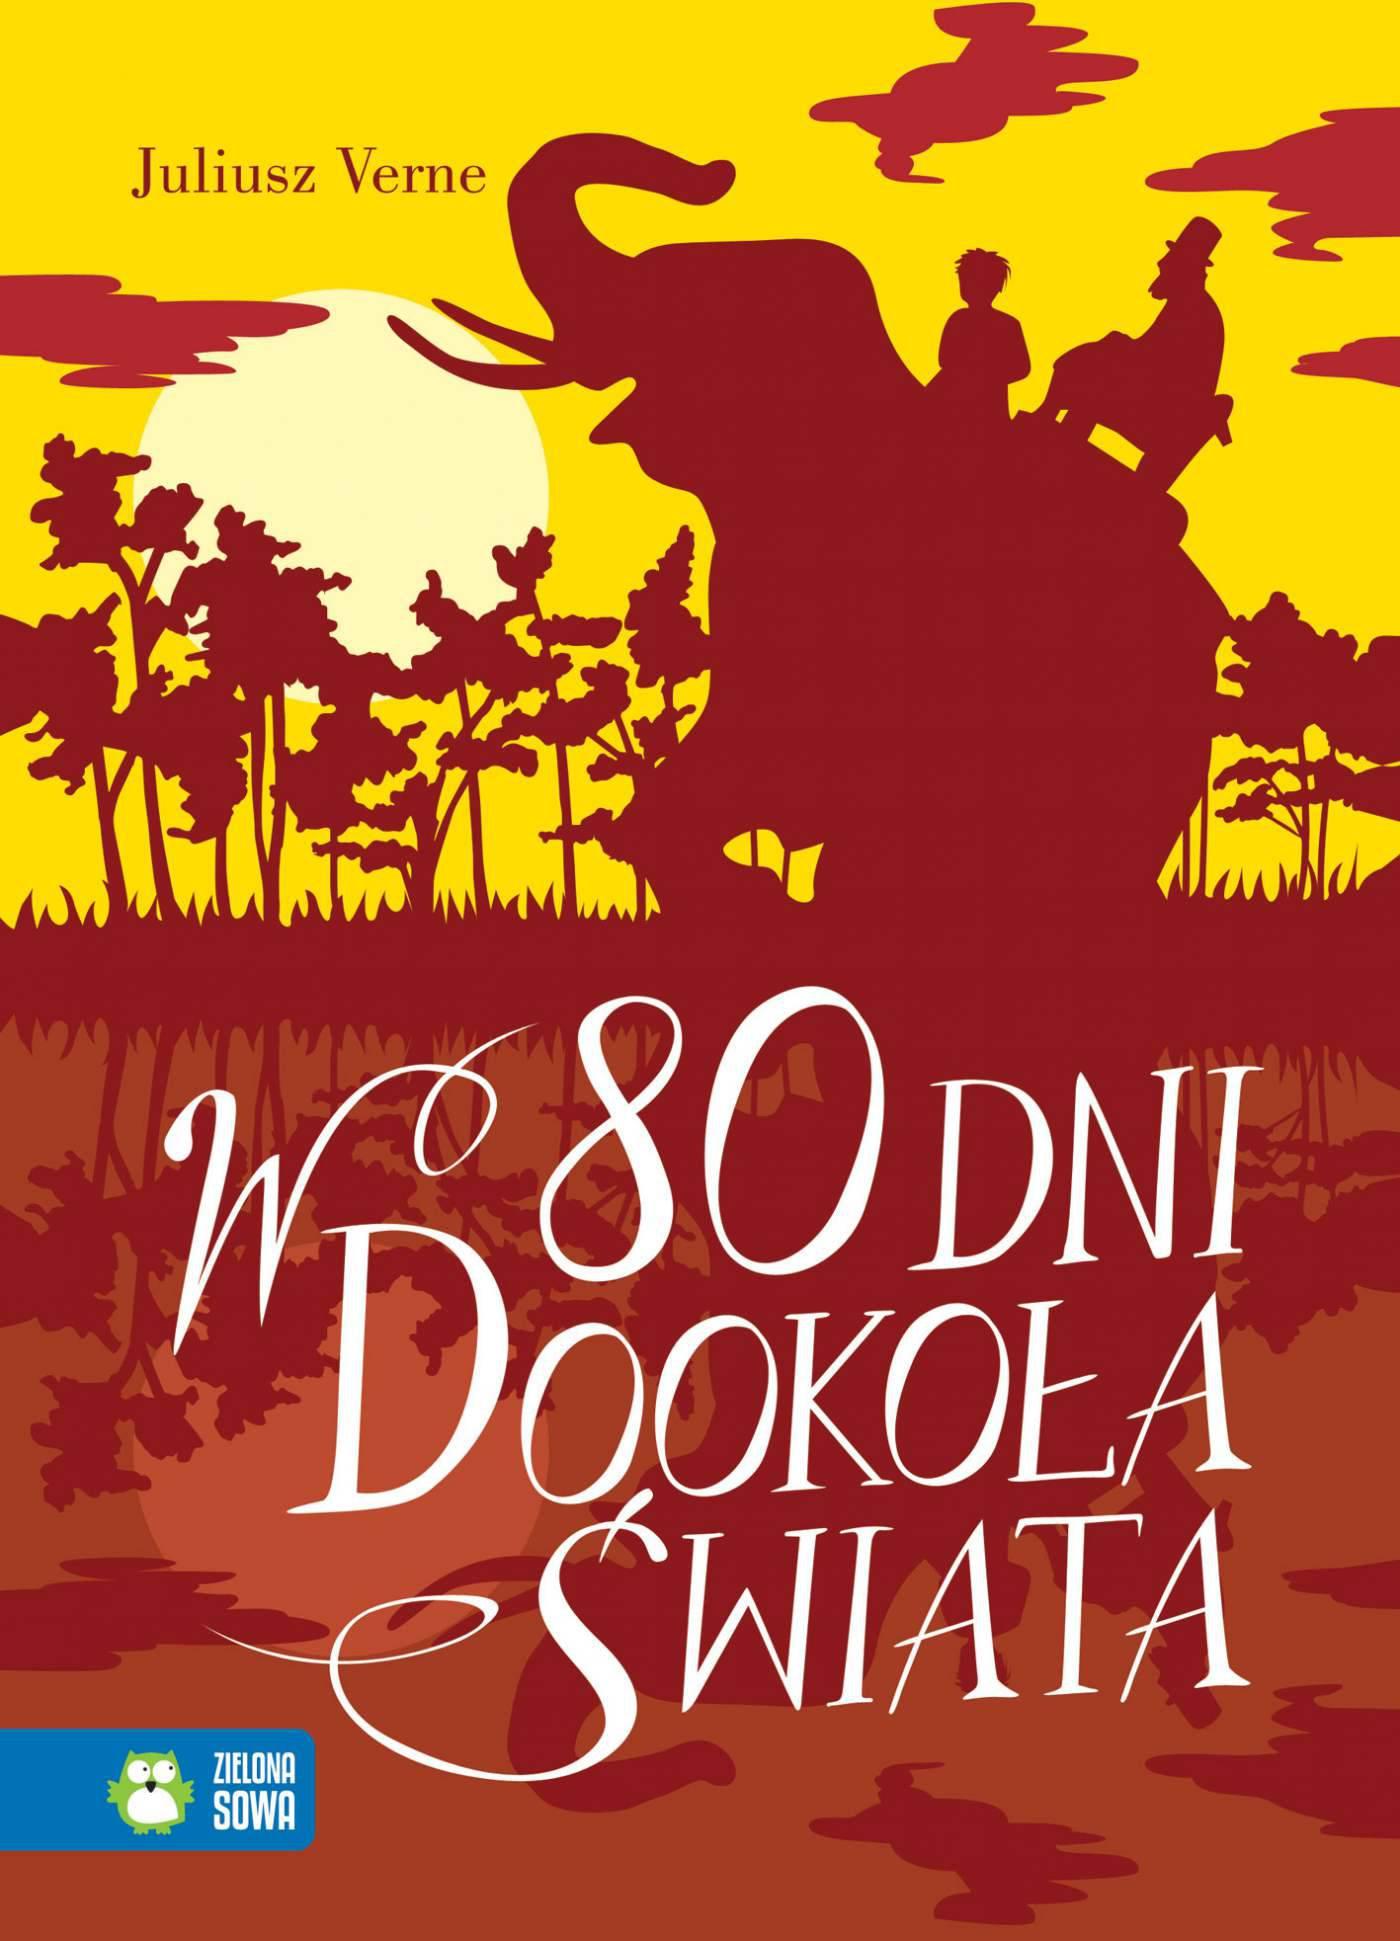 W 80 dni dookoła świata. Literatura klasyczna - Ebook (Książka na Kindle) do pobrania w formacie MOBI